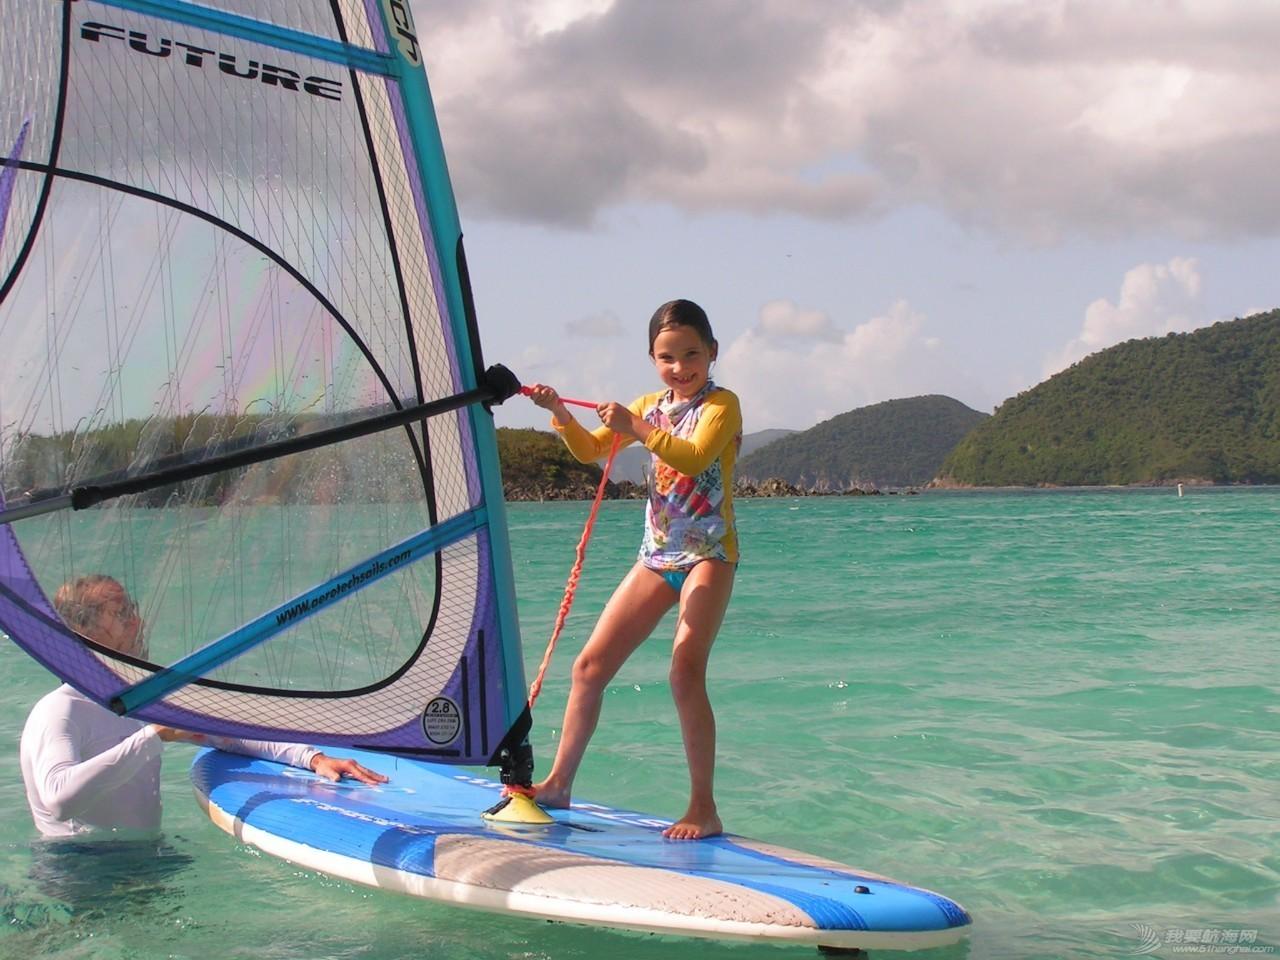 如何让孩子们爱上航海 c7b360382a5d7404cd67d076abb4c566.jpg